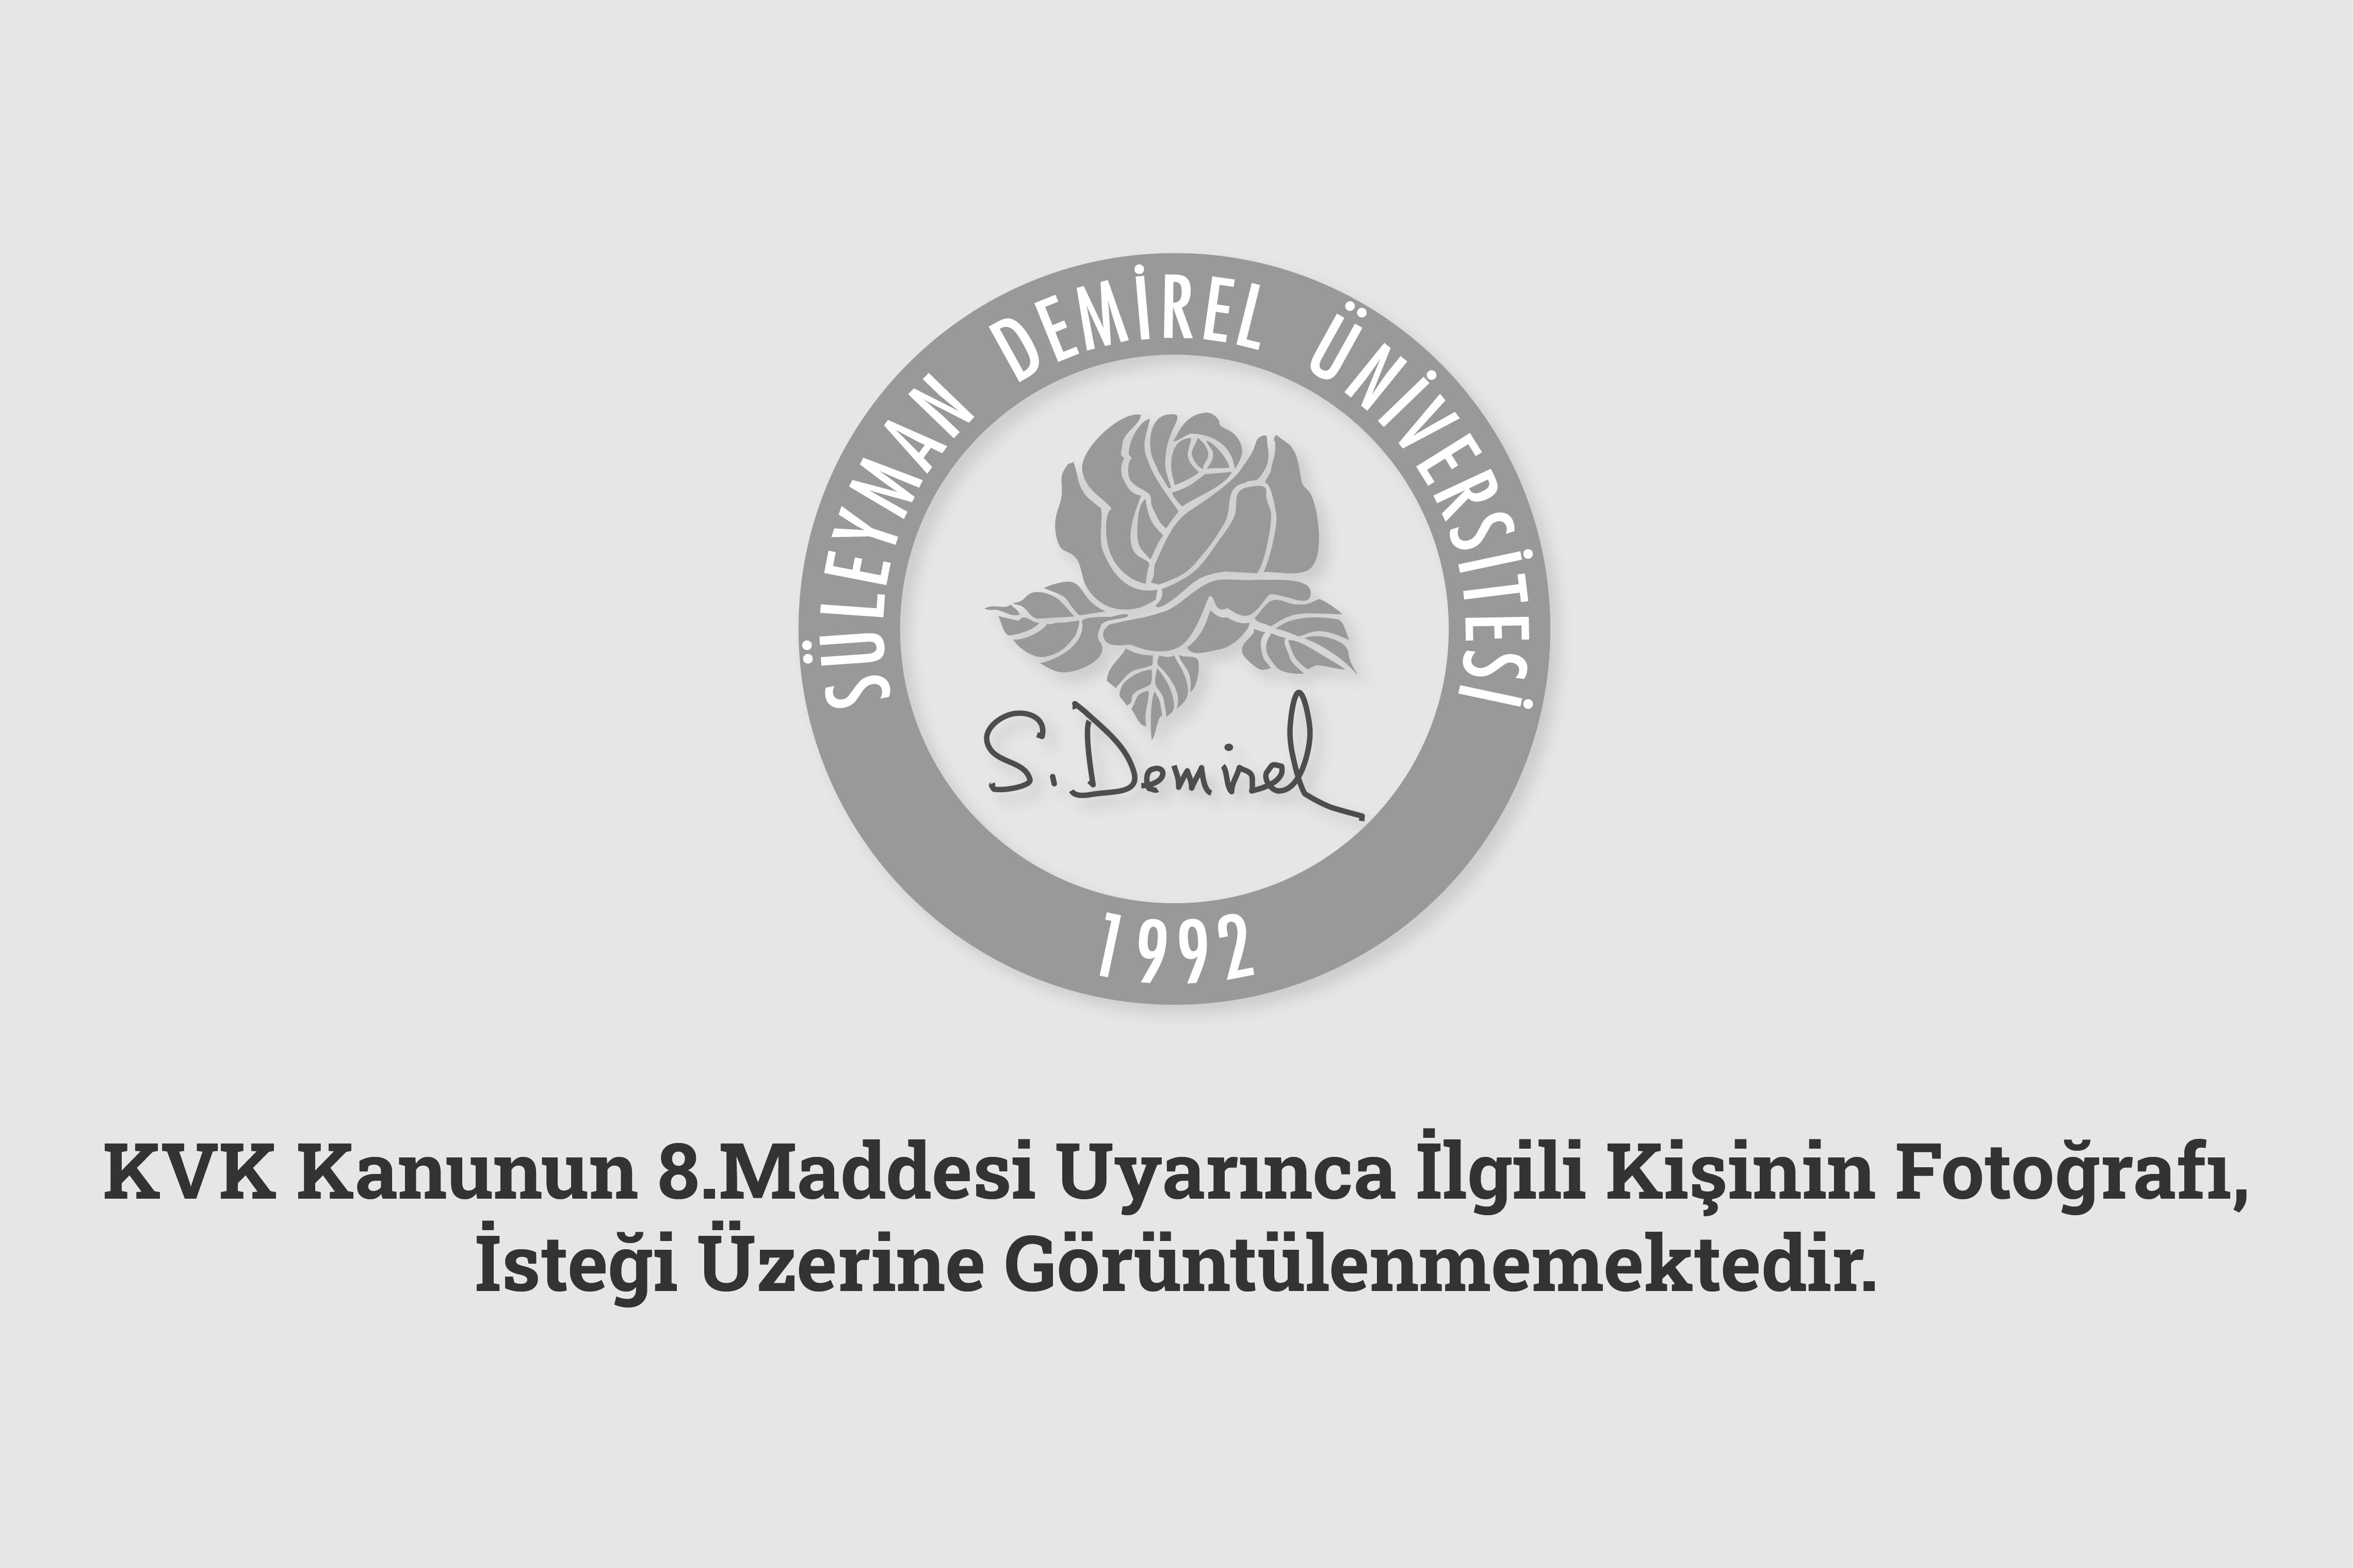 Hasan ISPARTALI